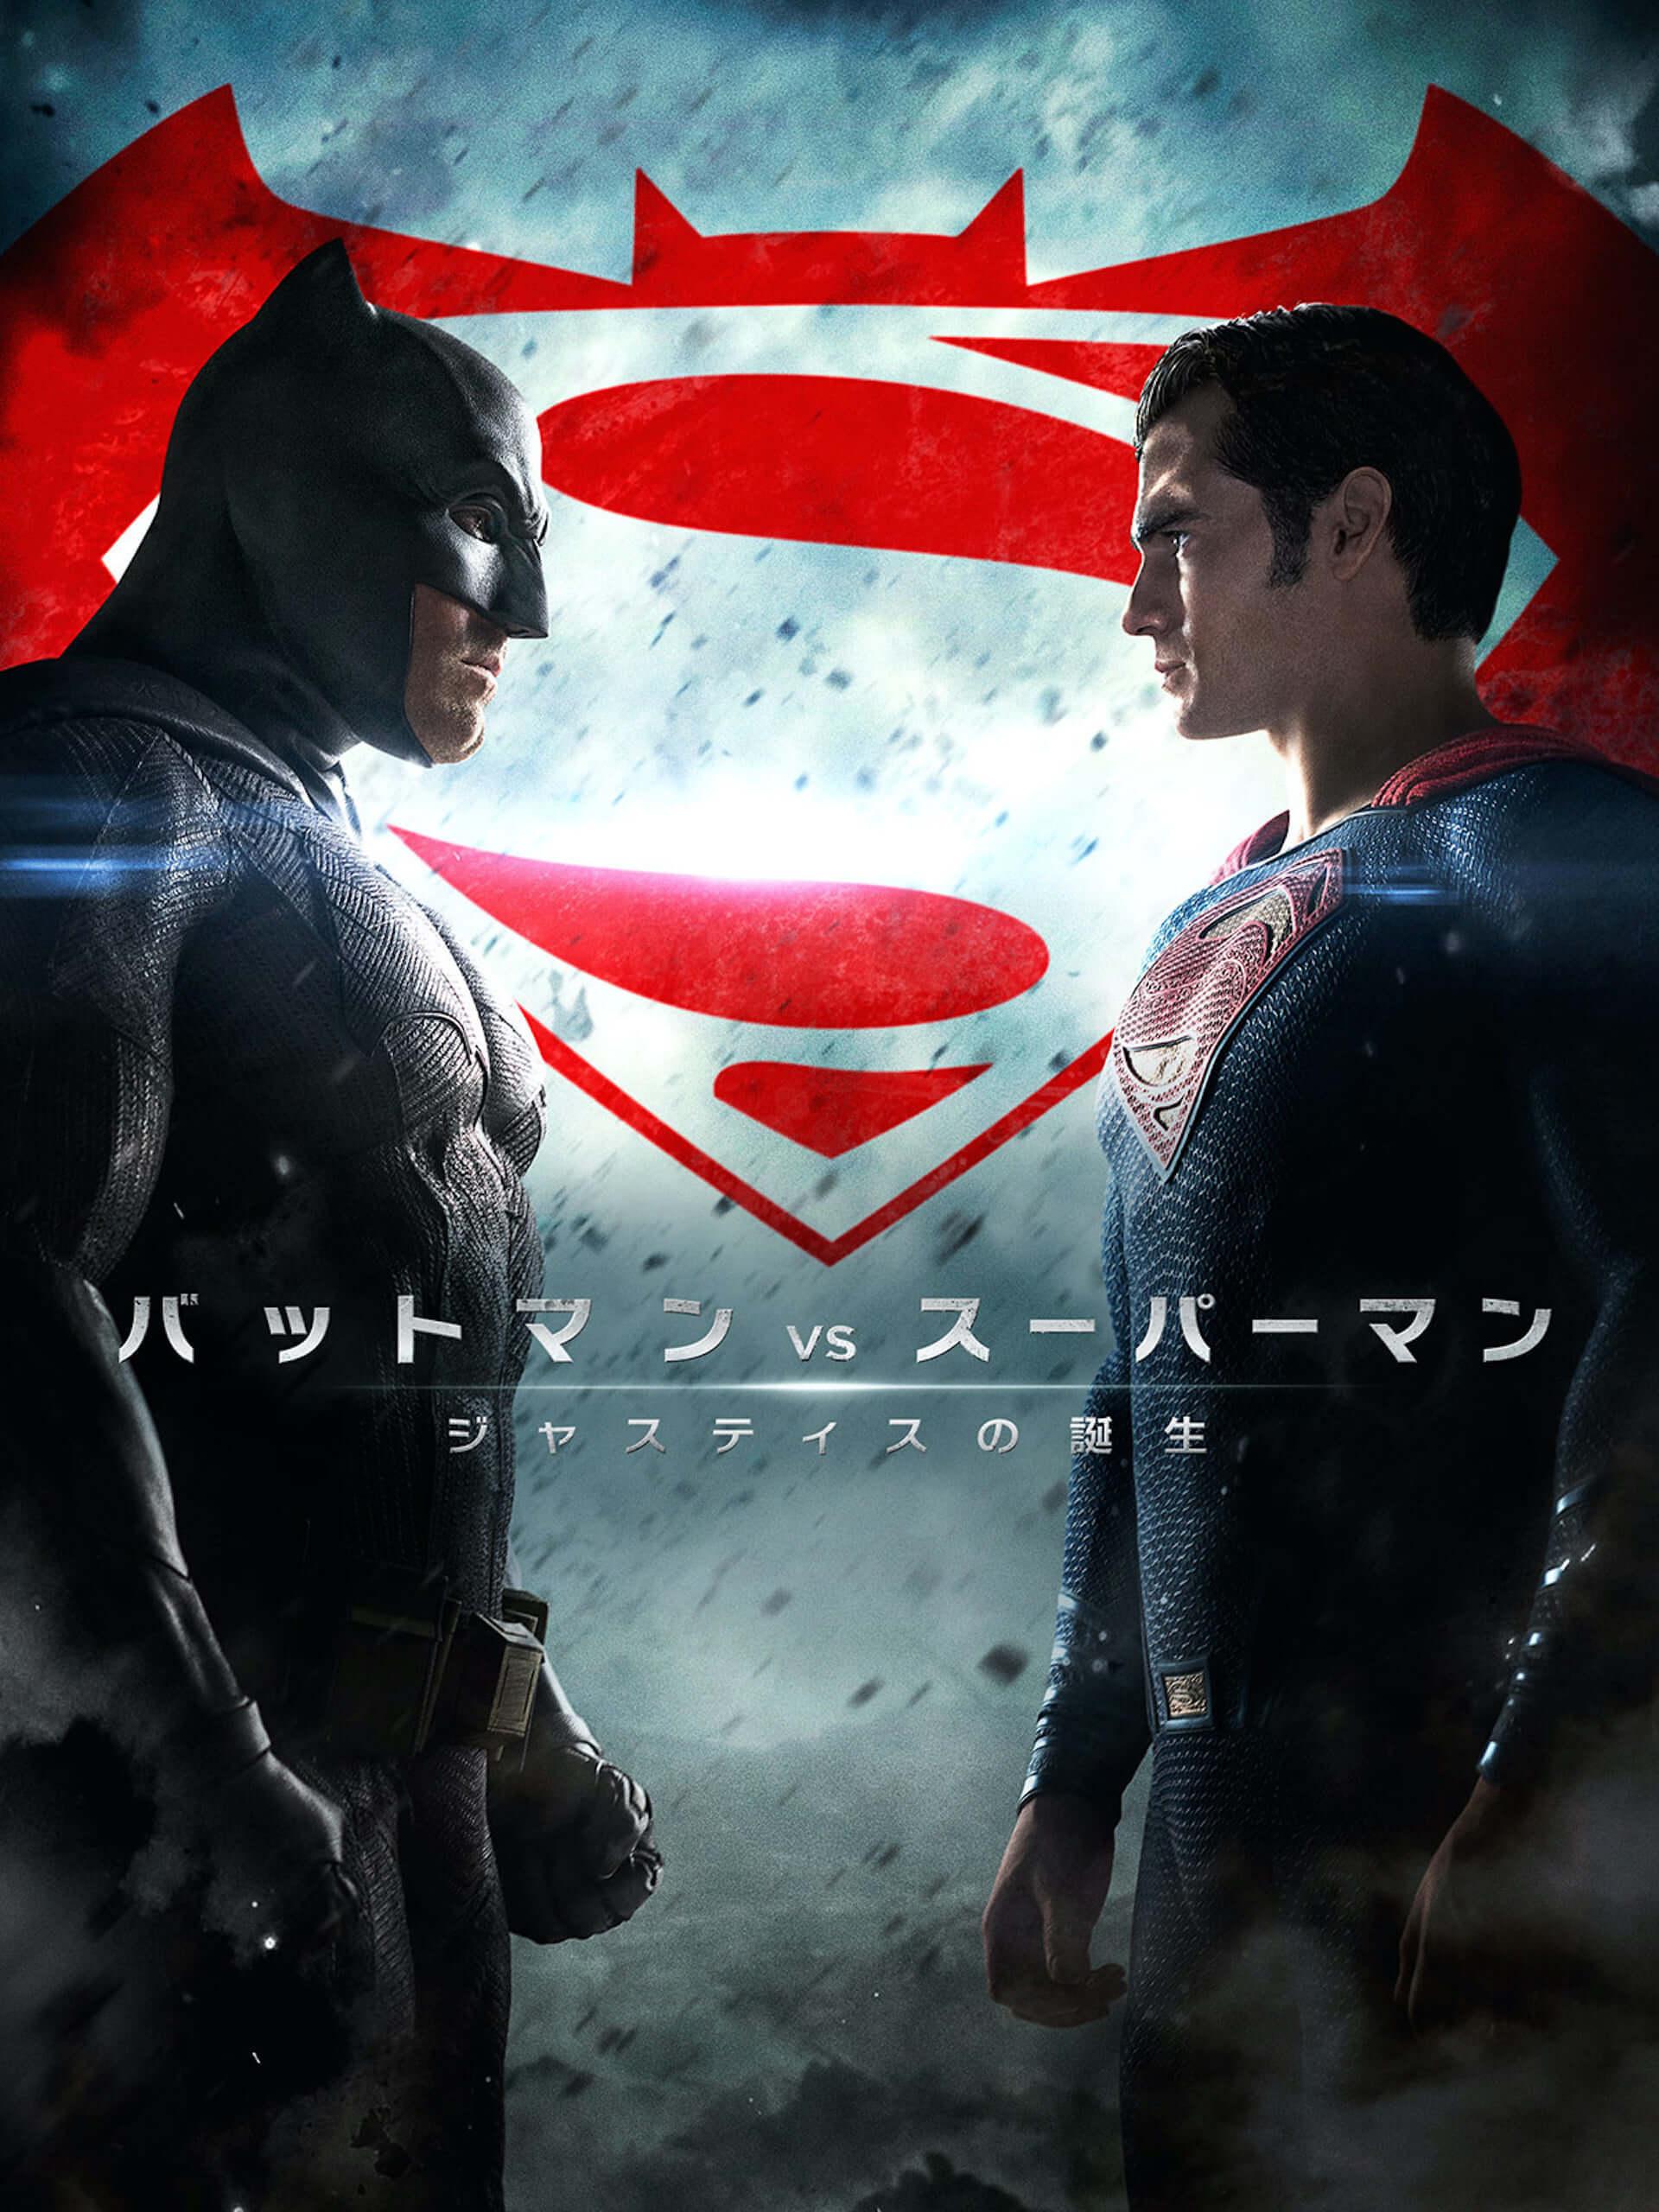 『スーサイド・スクワッド』『バットマン vs スーパーマン』など豪華作品がAmazon Prime6月配信にラインナップ!『相席食堂』新シーズンも film200526_amazon_primevideo_2-1920x2560